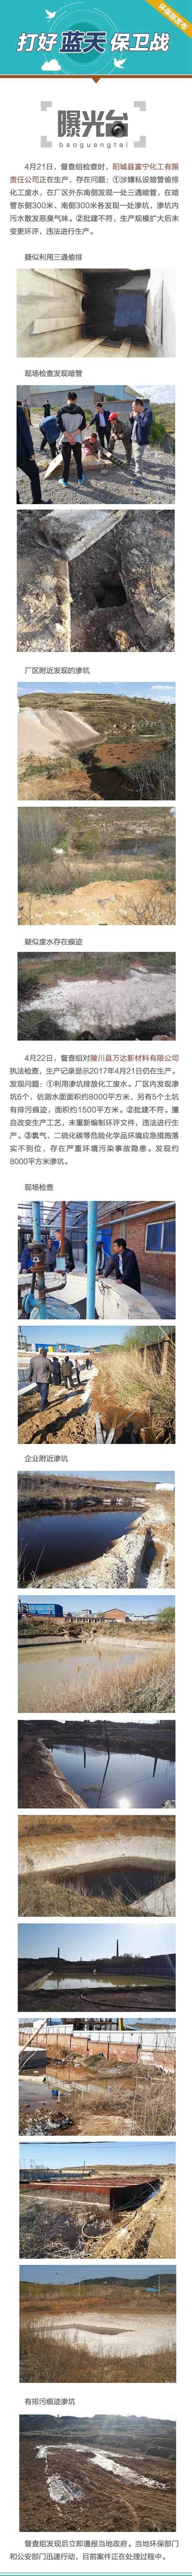 山西两化工企业涉偷排废水 发现大面积渗坑(图)